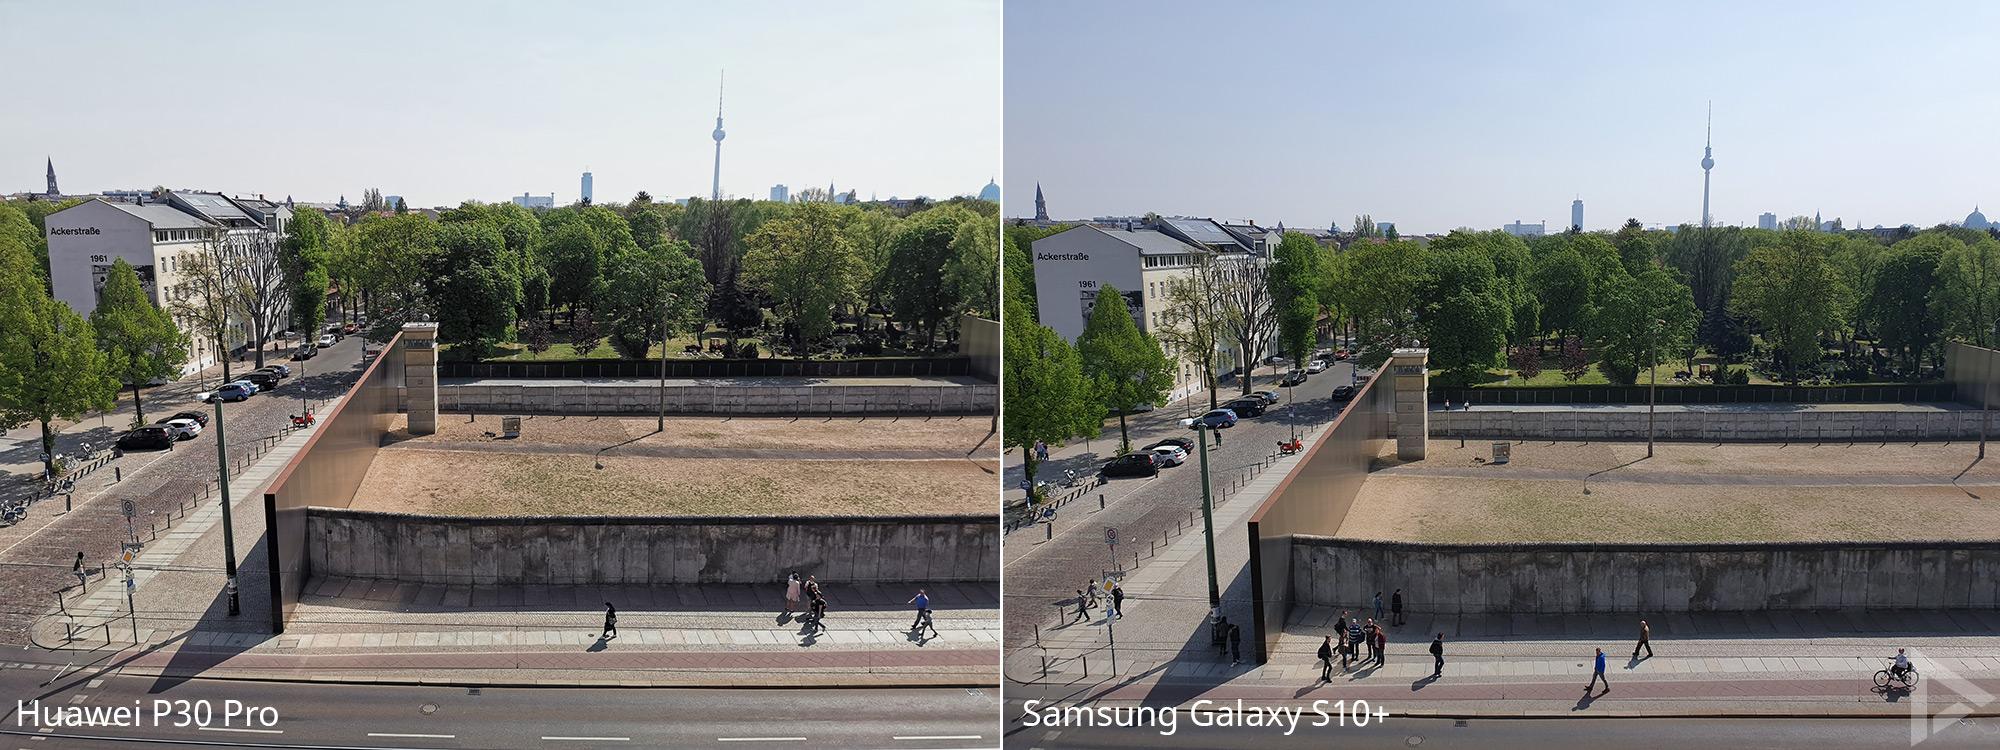 Fotovergelijking Huawei P30 Pro - Samsung Galaxy S10 1